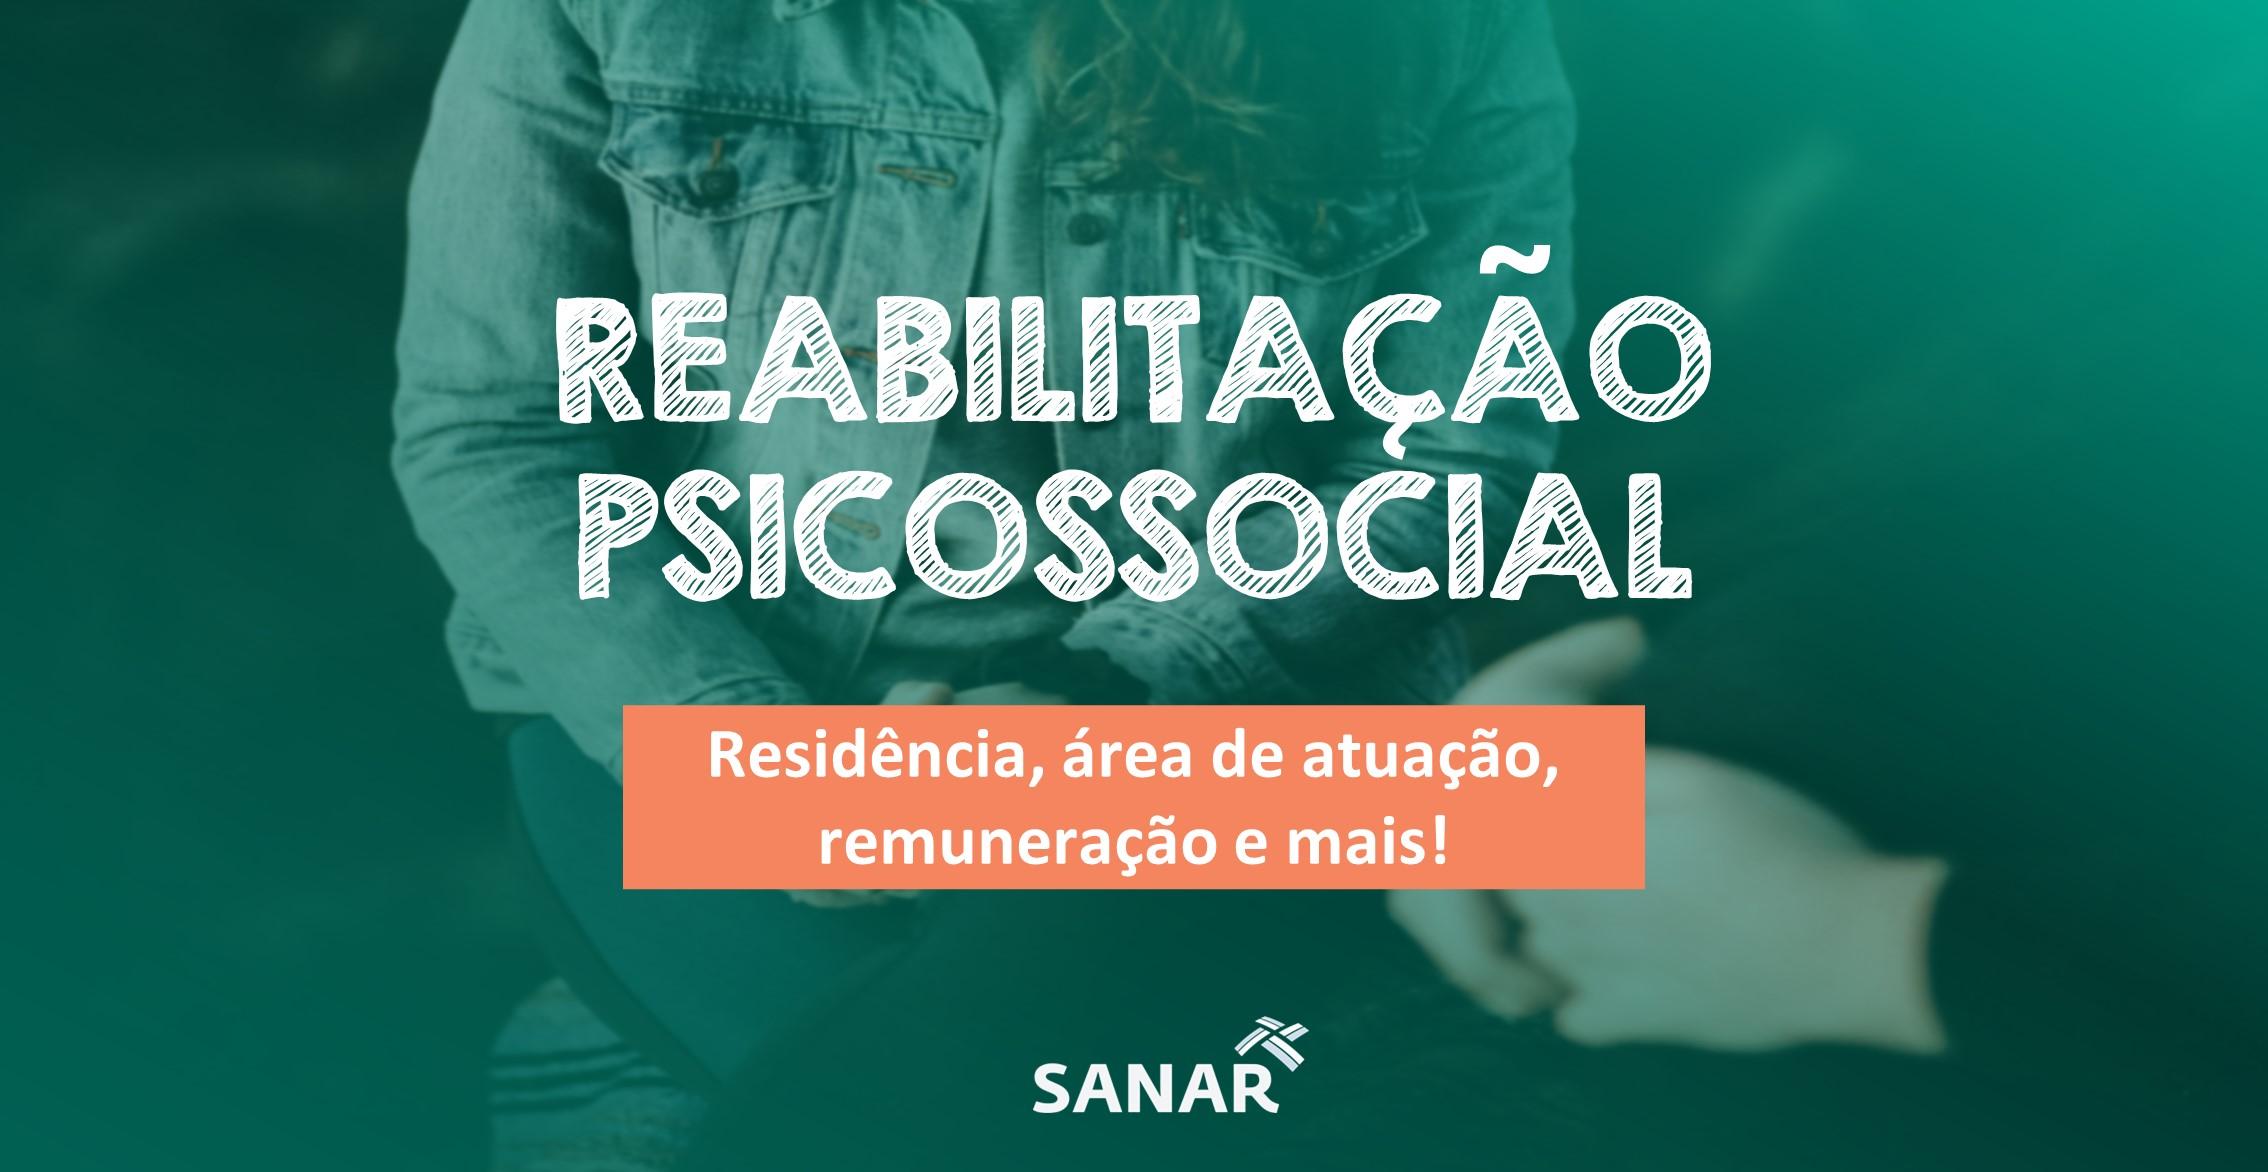 Reabilitação Psicossocial